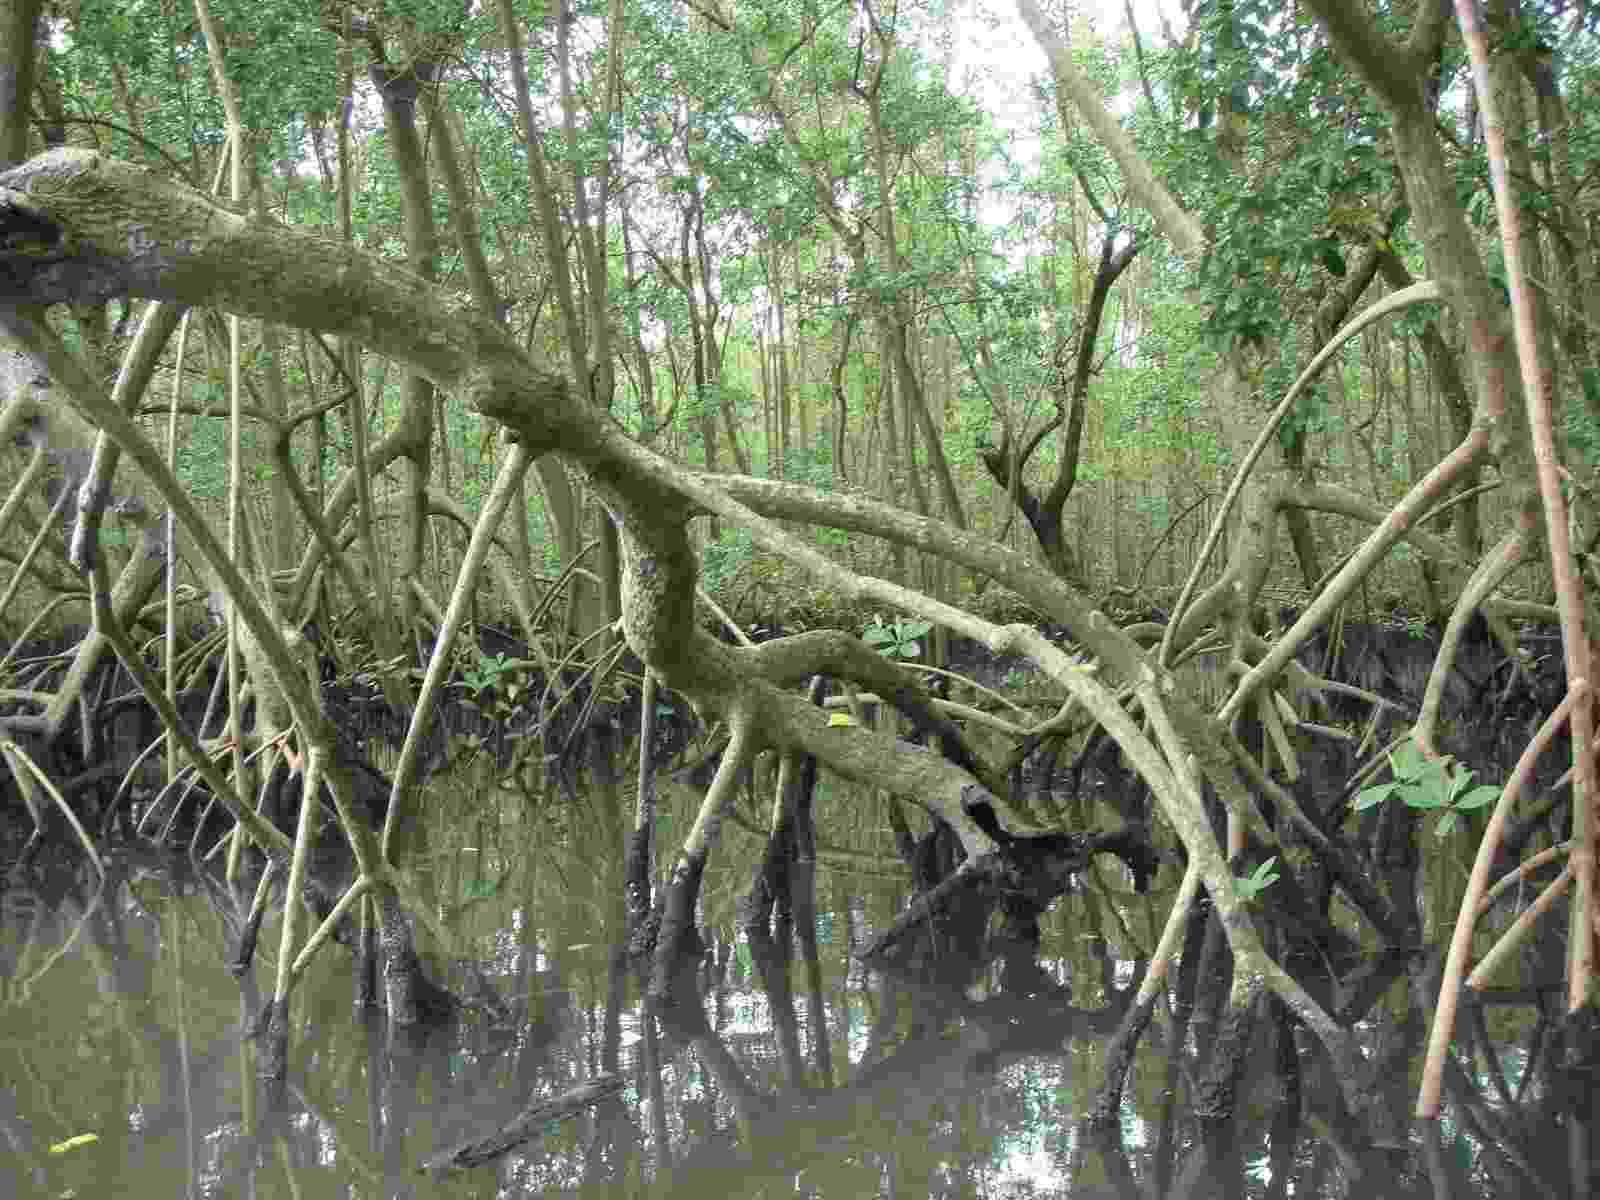 13.mai.2015 - Os manguezais da Baixada Santista podem ser a chave para impedir a manifestação de doenças neurodegenerativas, como o mal de Parkinson e o Alzheimer, além de tumores - Divulgação